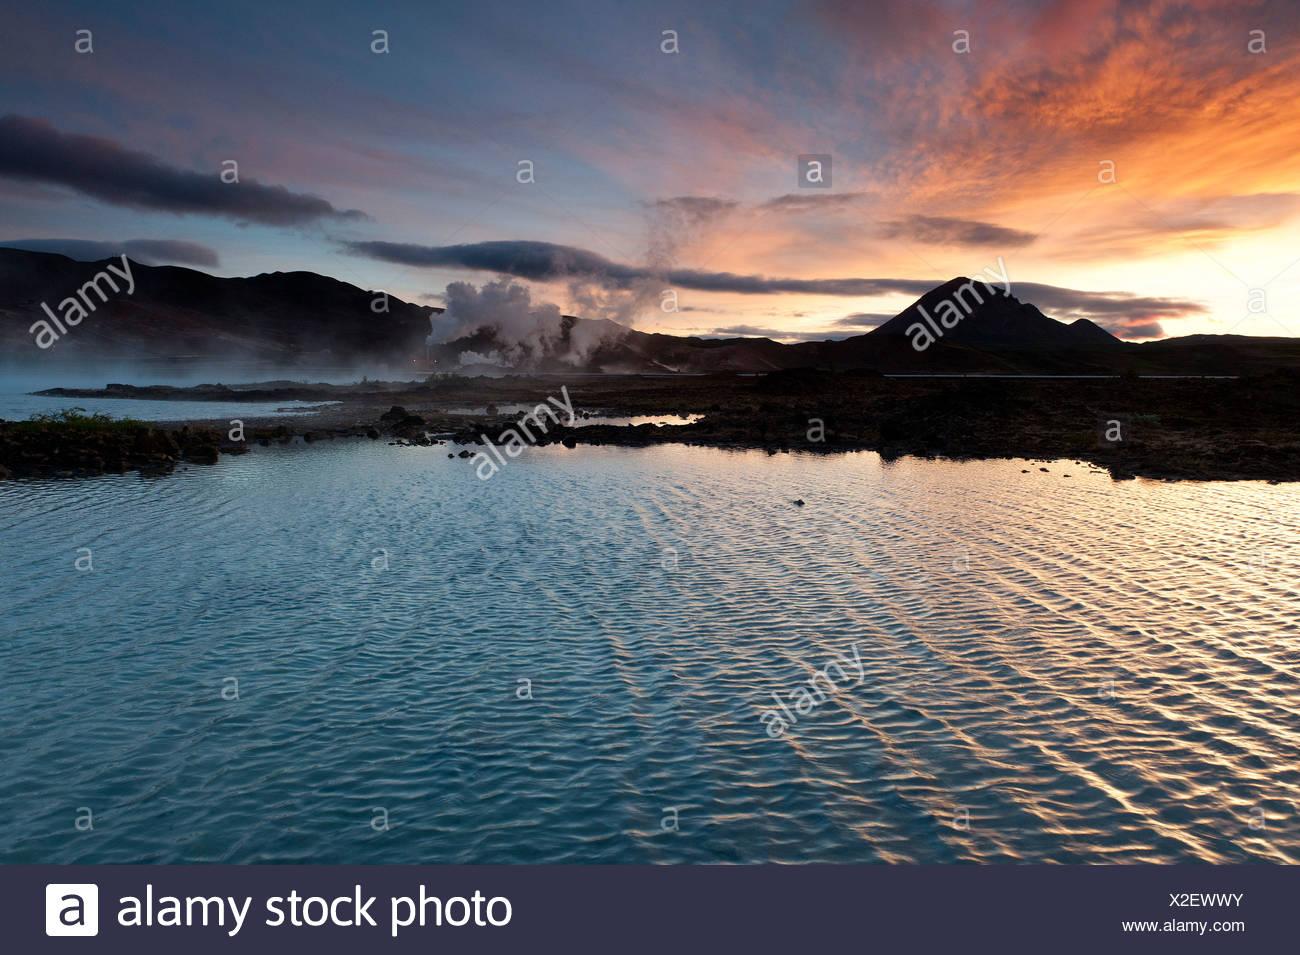 La production d'énergie, l'énergie géothermique, près du lac Myvatn, le nord de l'Islande, de l'Europe Photo Stock